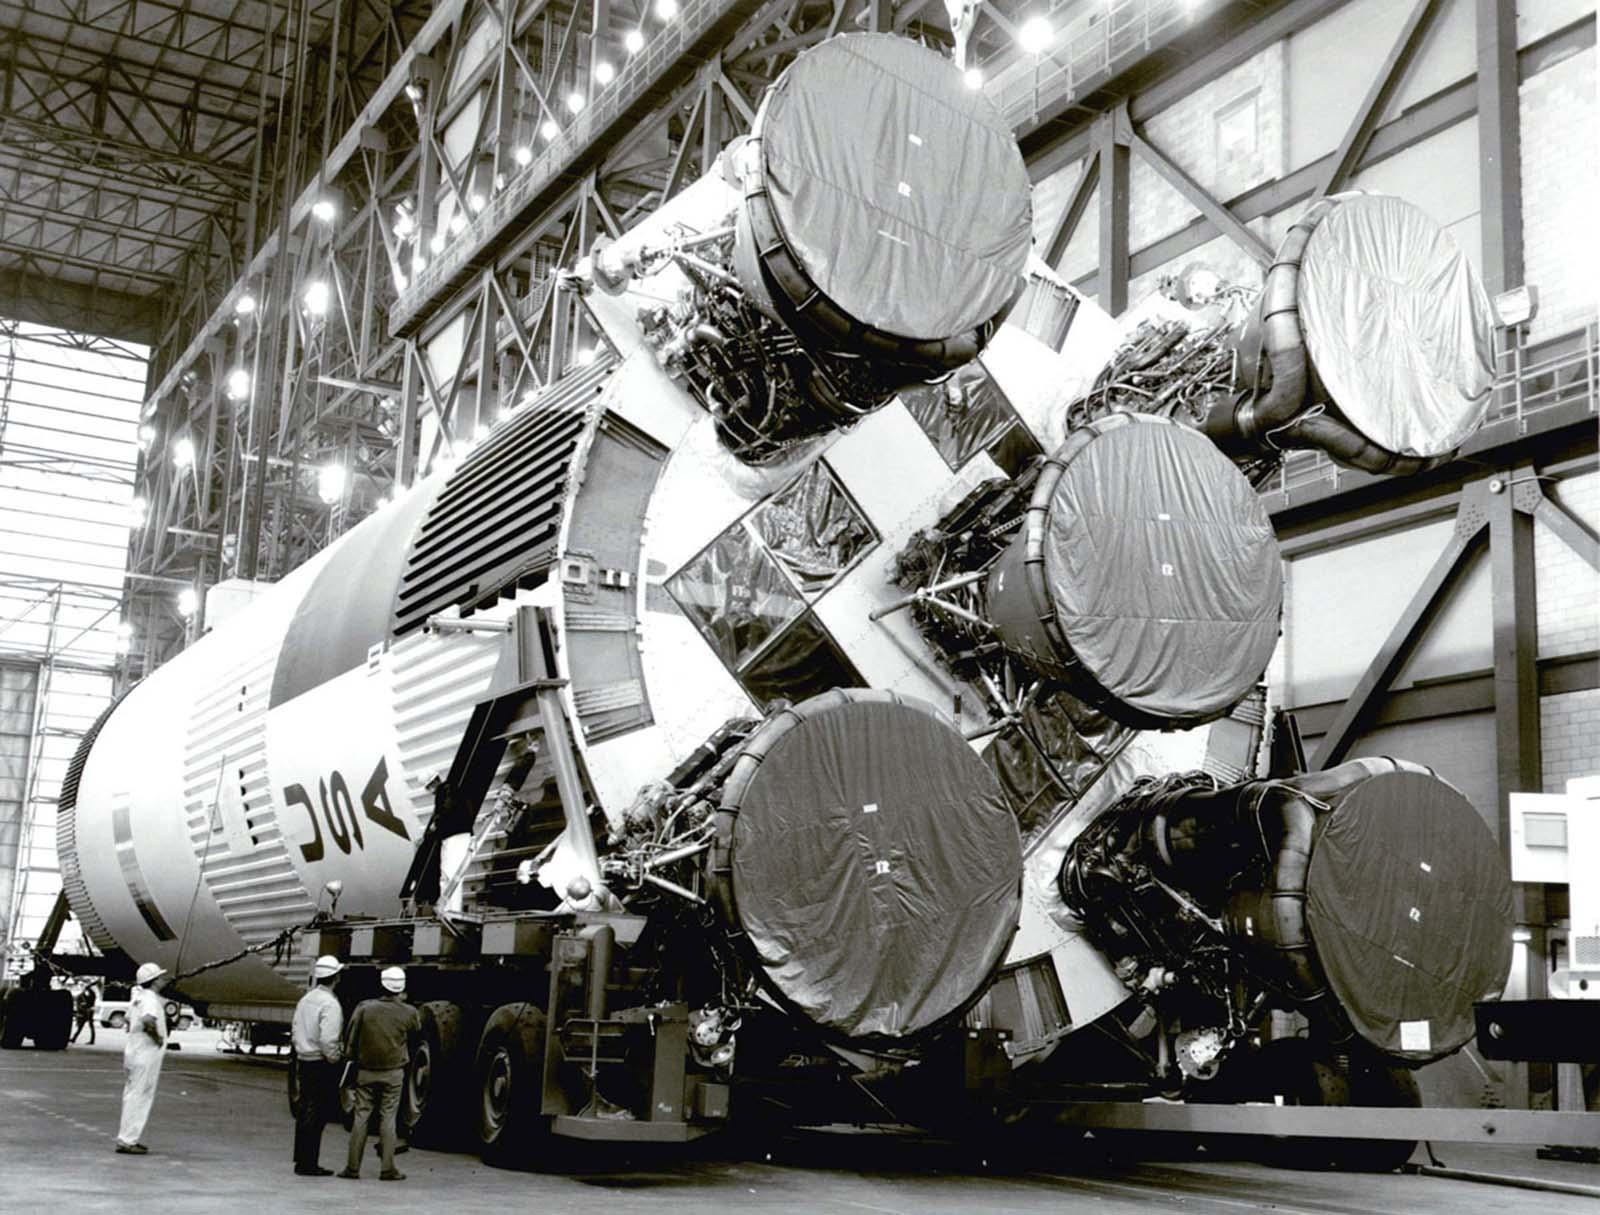 O foguete S-1C para a Apollo 11 Saturn V aguarda dentro do prédio da montadora de veículos no Kennedy Space Center da NASA, na Flórida, em 21 de fevereiro de 1969.